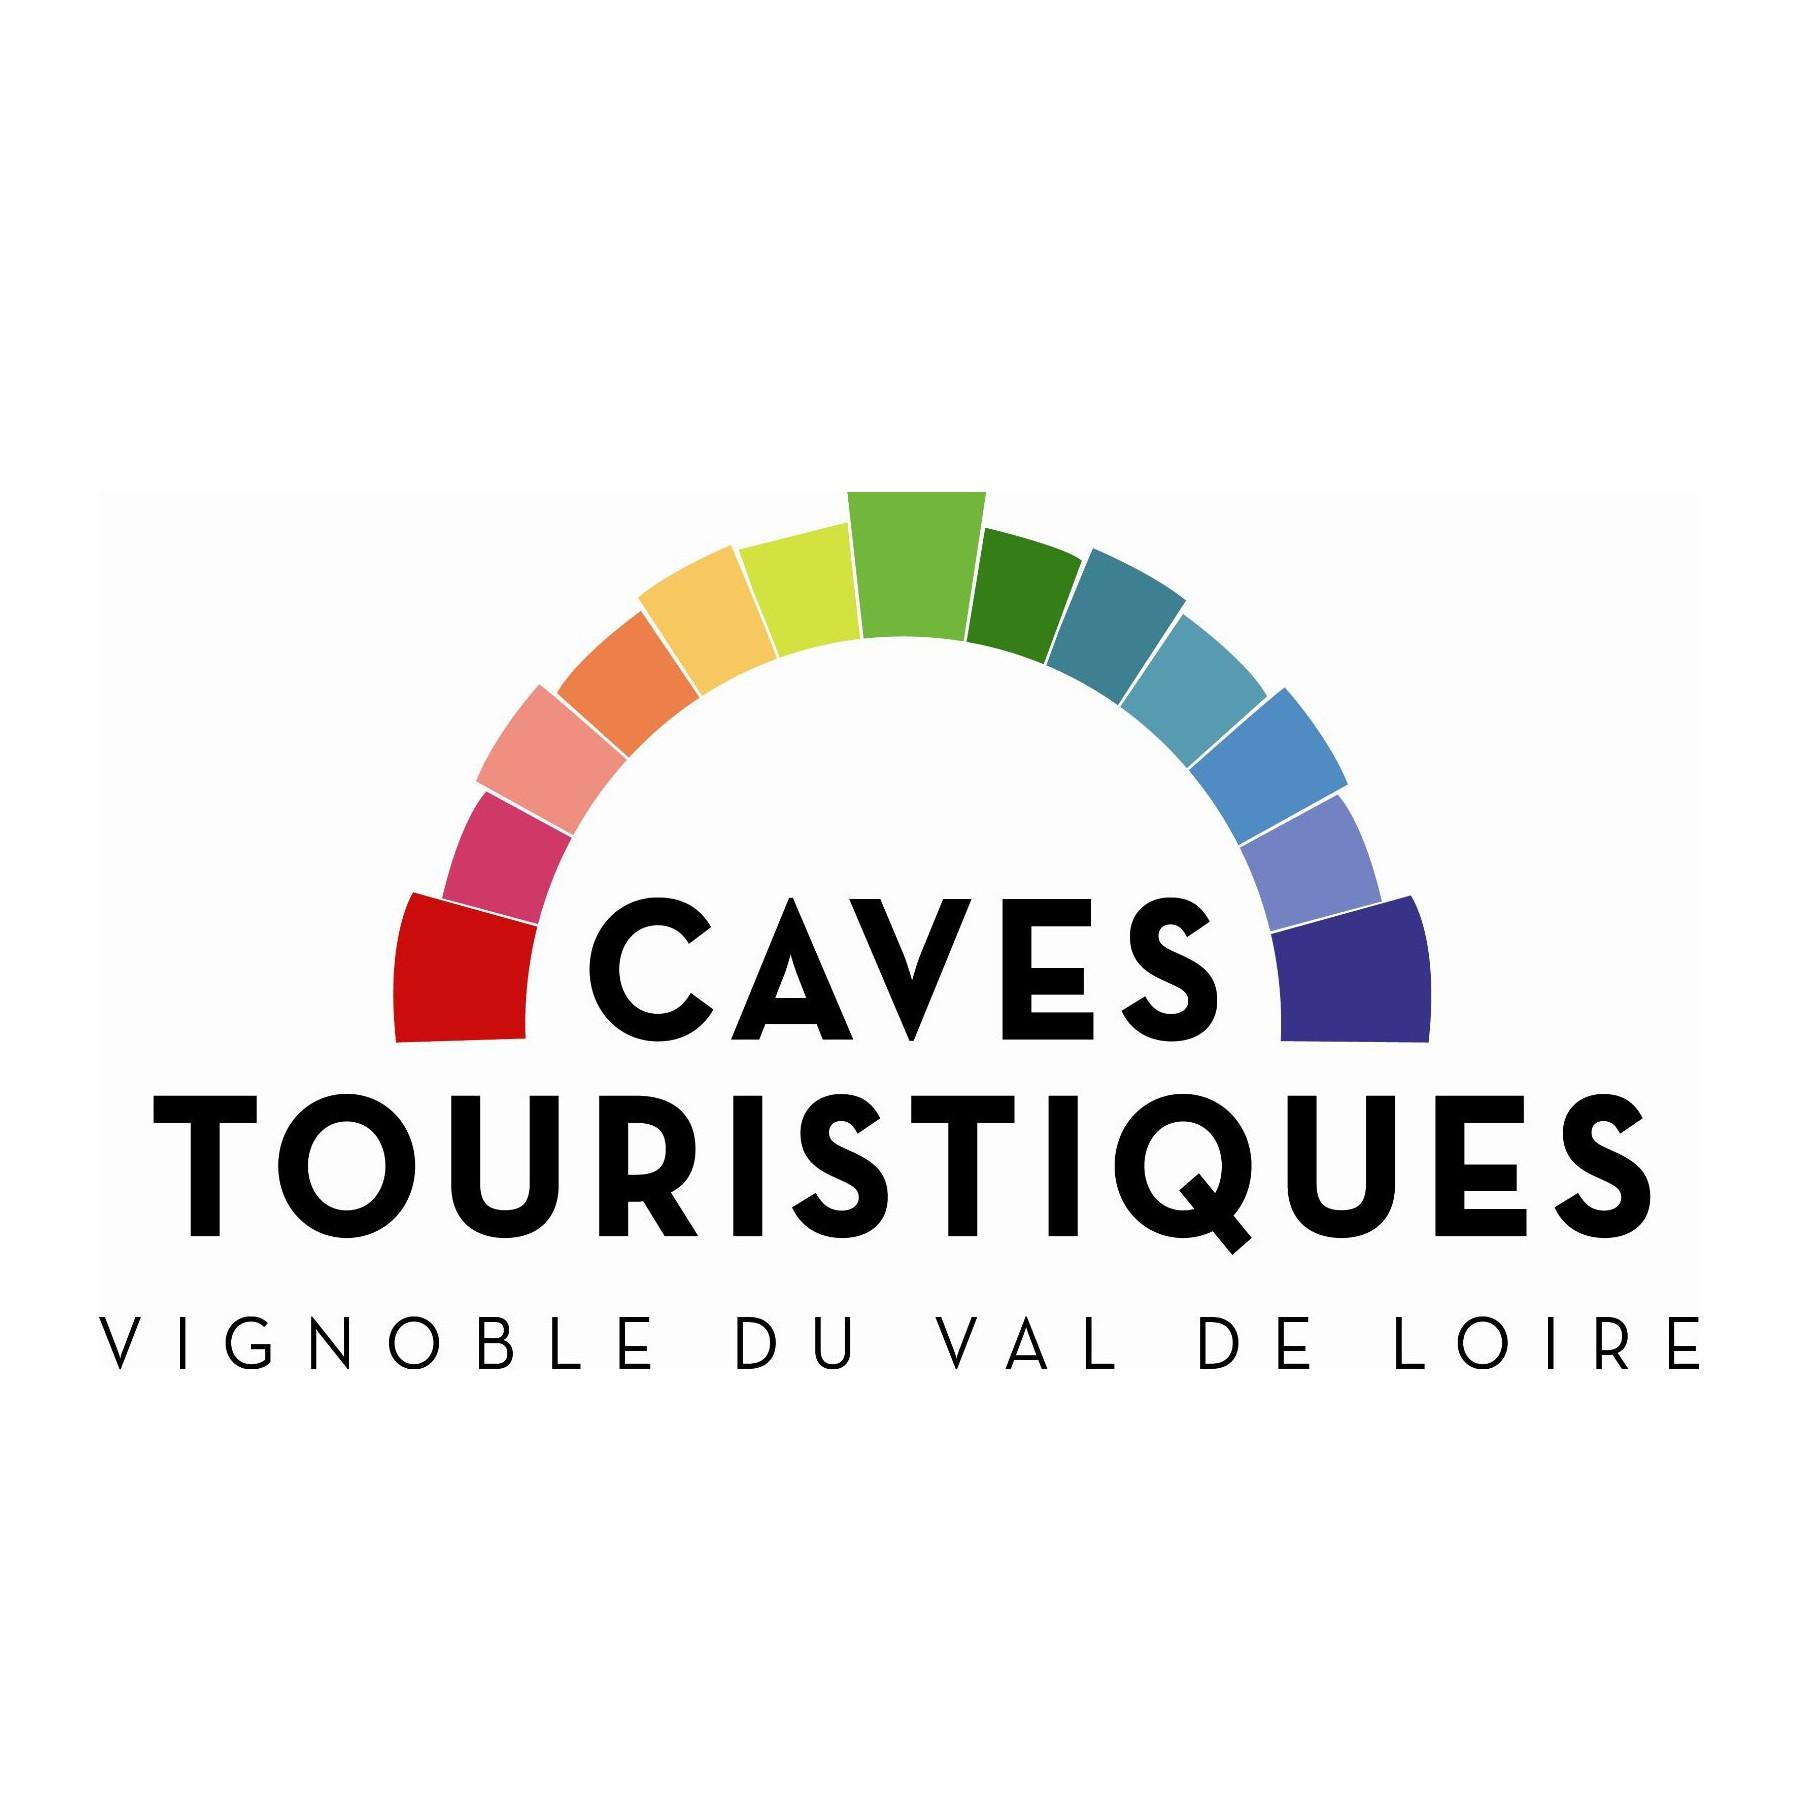 Caves touristiques du Val de Loire